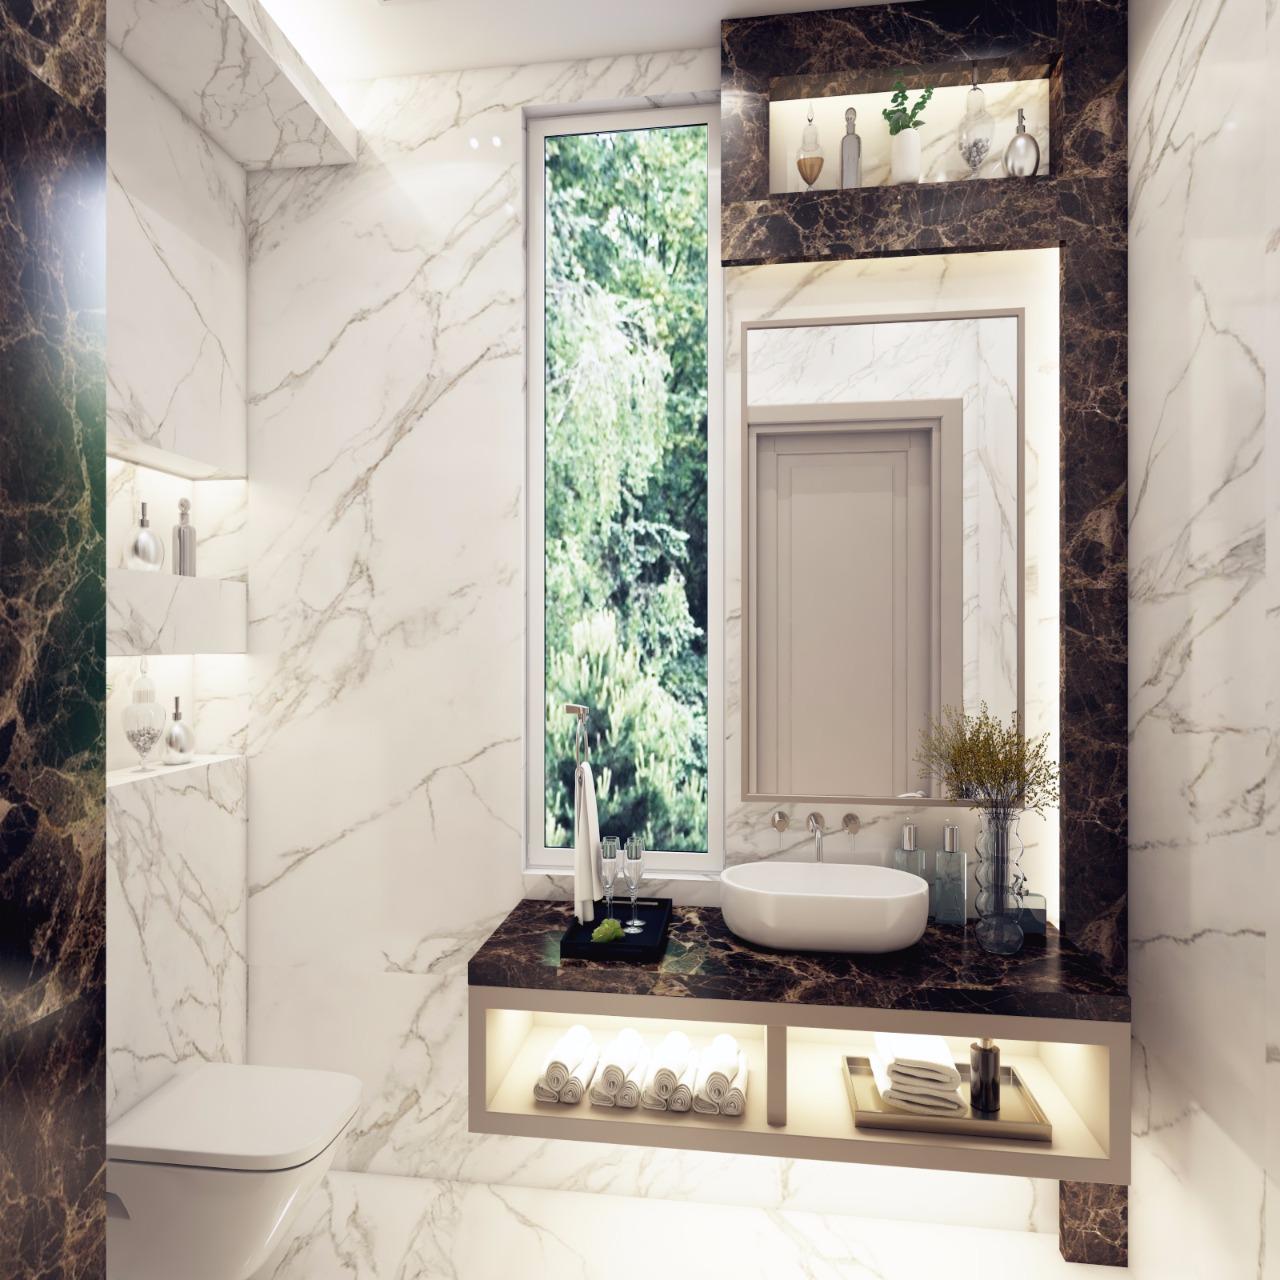 تصميم ديكورات حمامات بازار للتصميم الداخلى والديكور